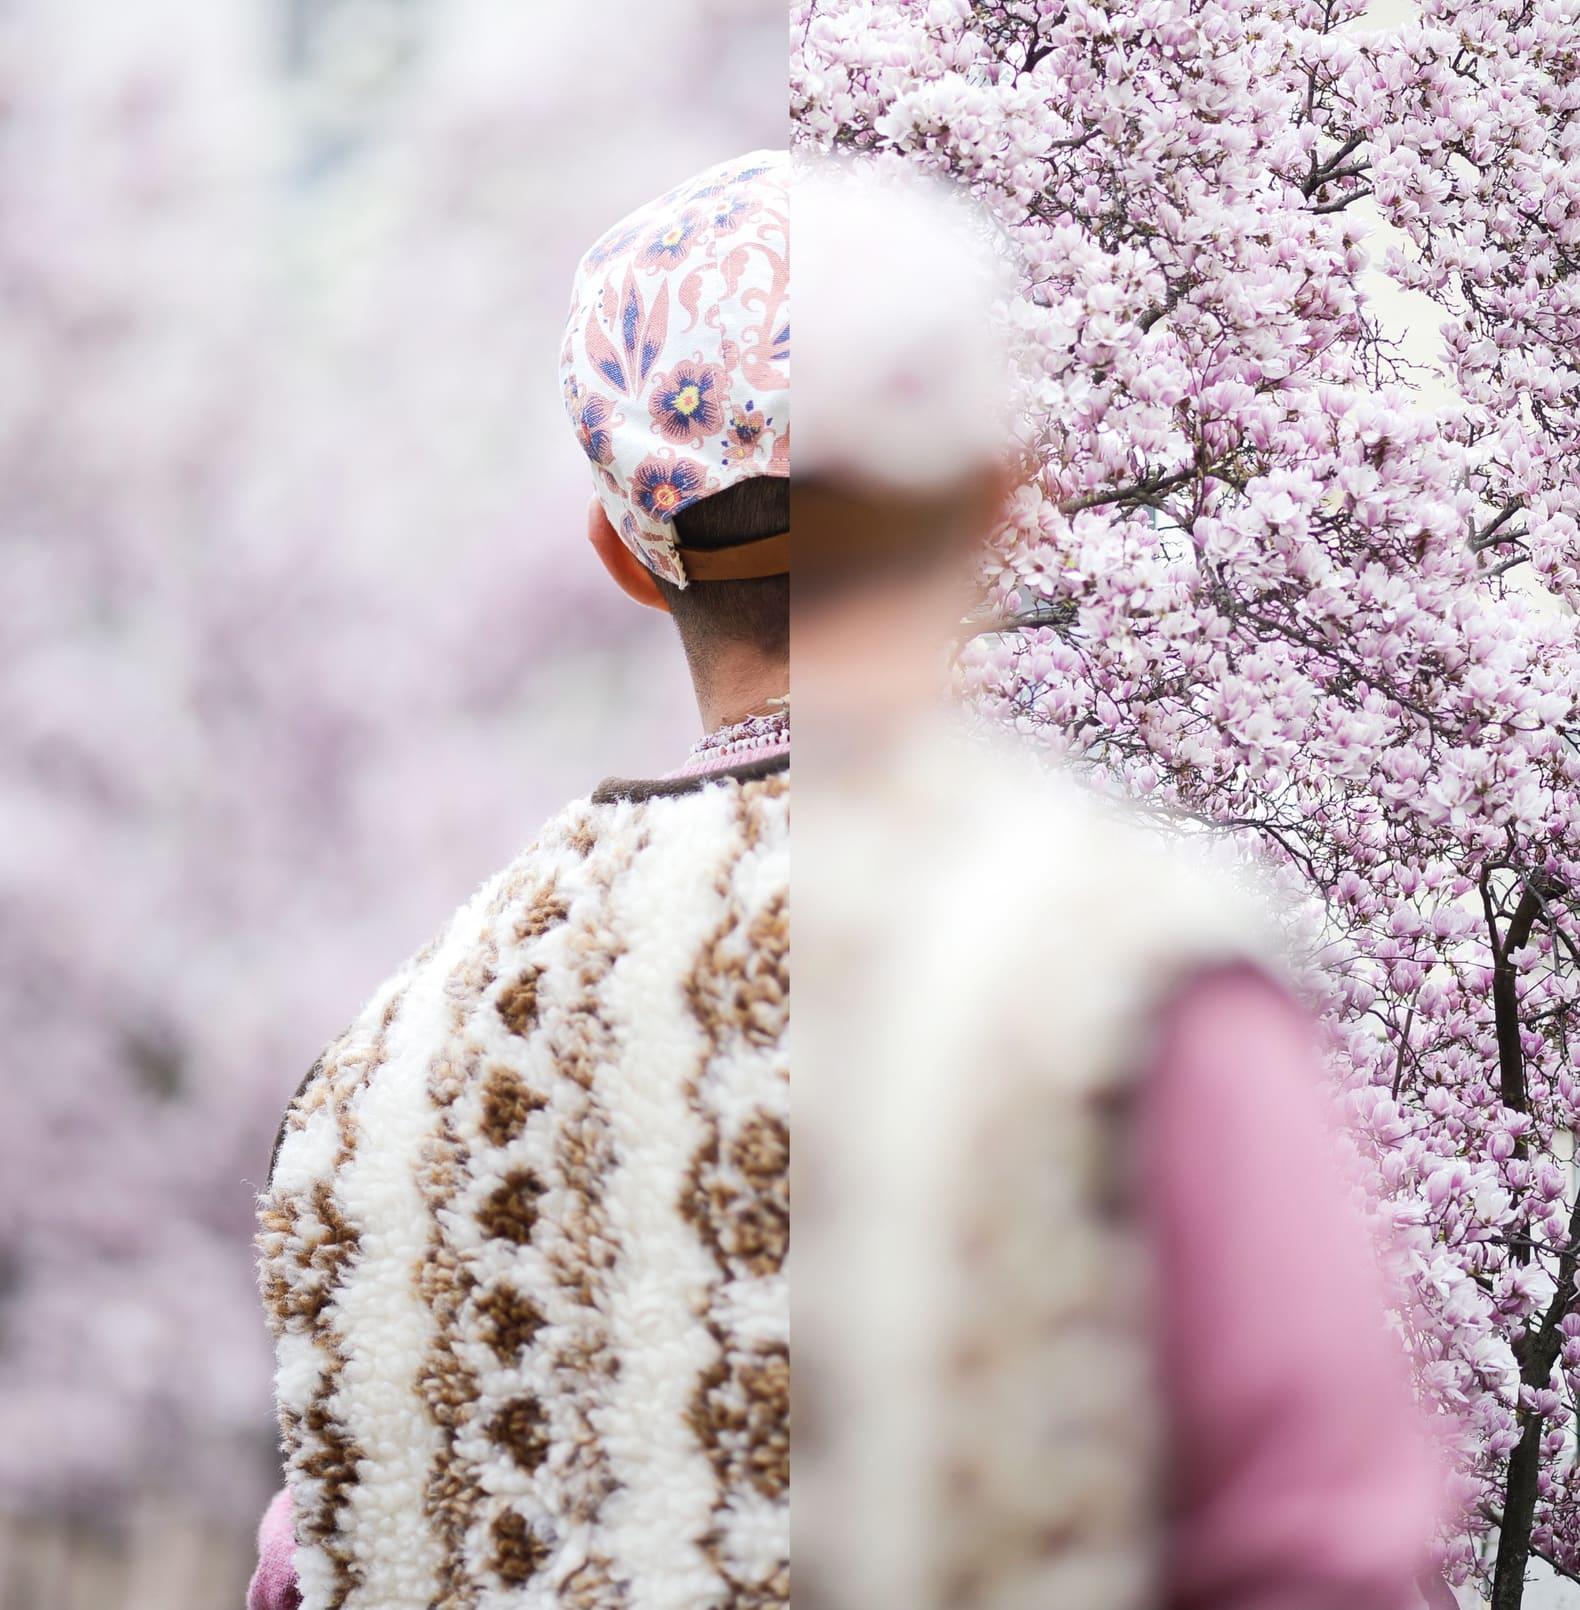 arbre-cerisien-fleurs-roses-homme-en-gilet